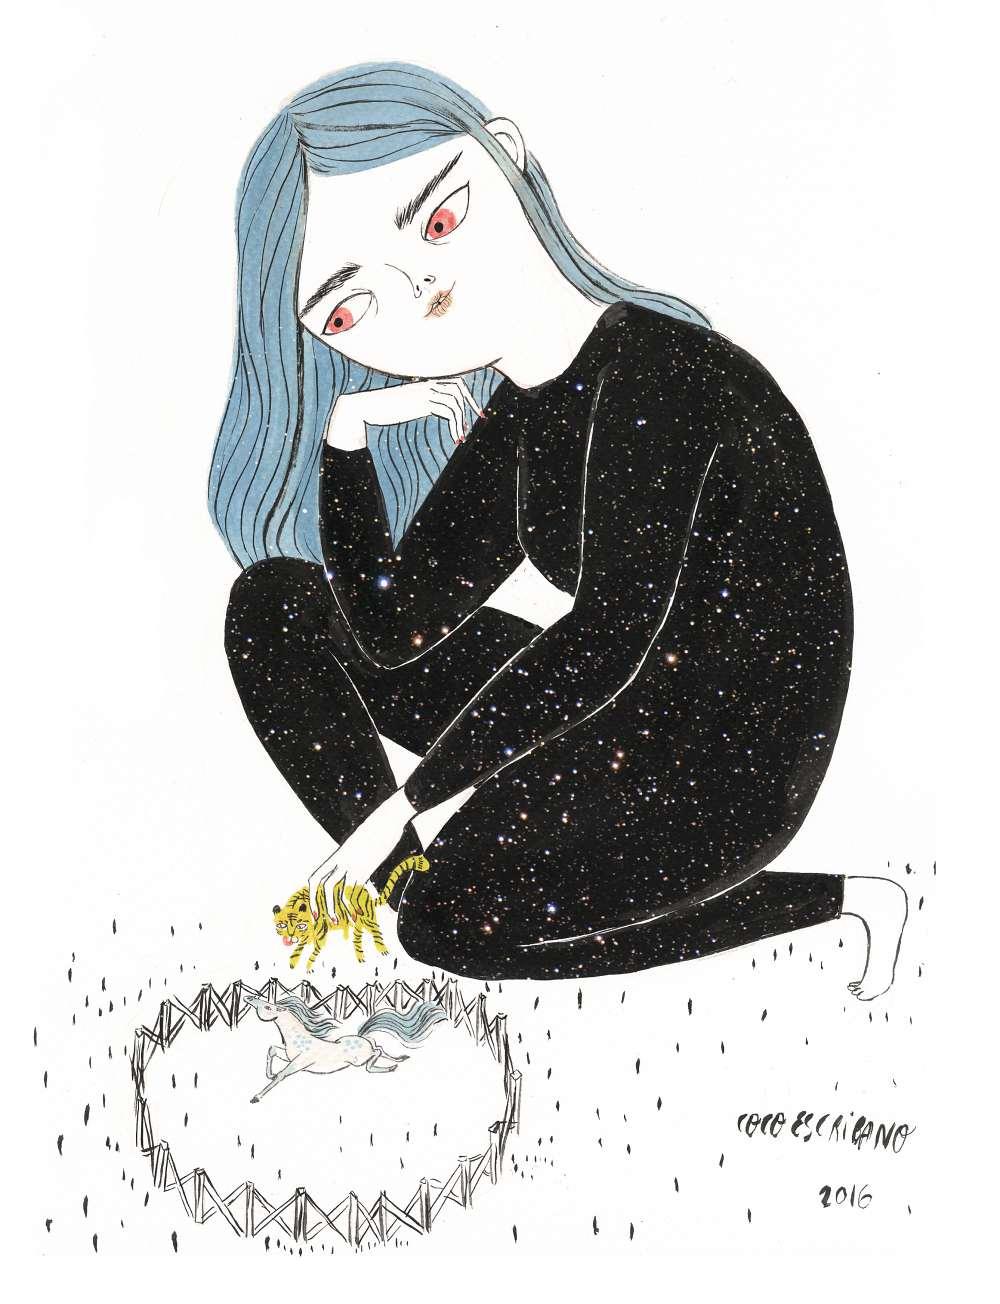 © Coco Escribano | Sara Torres Sifón | Entrevistas | Mujeres Mirando Mujeres |MmiraM19